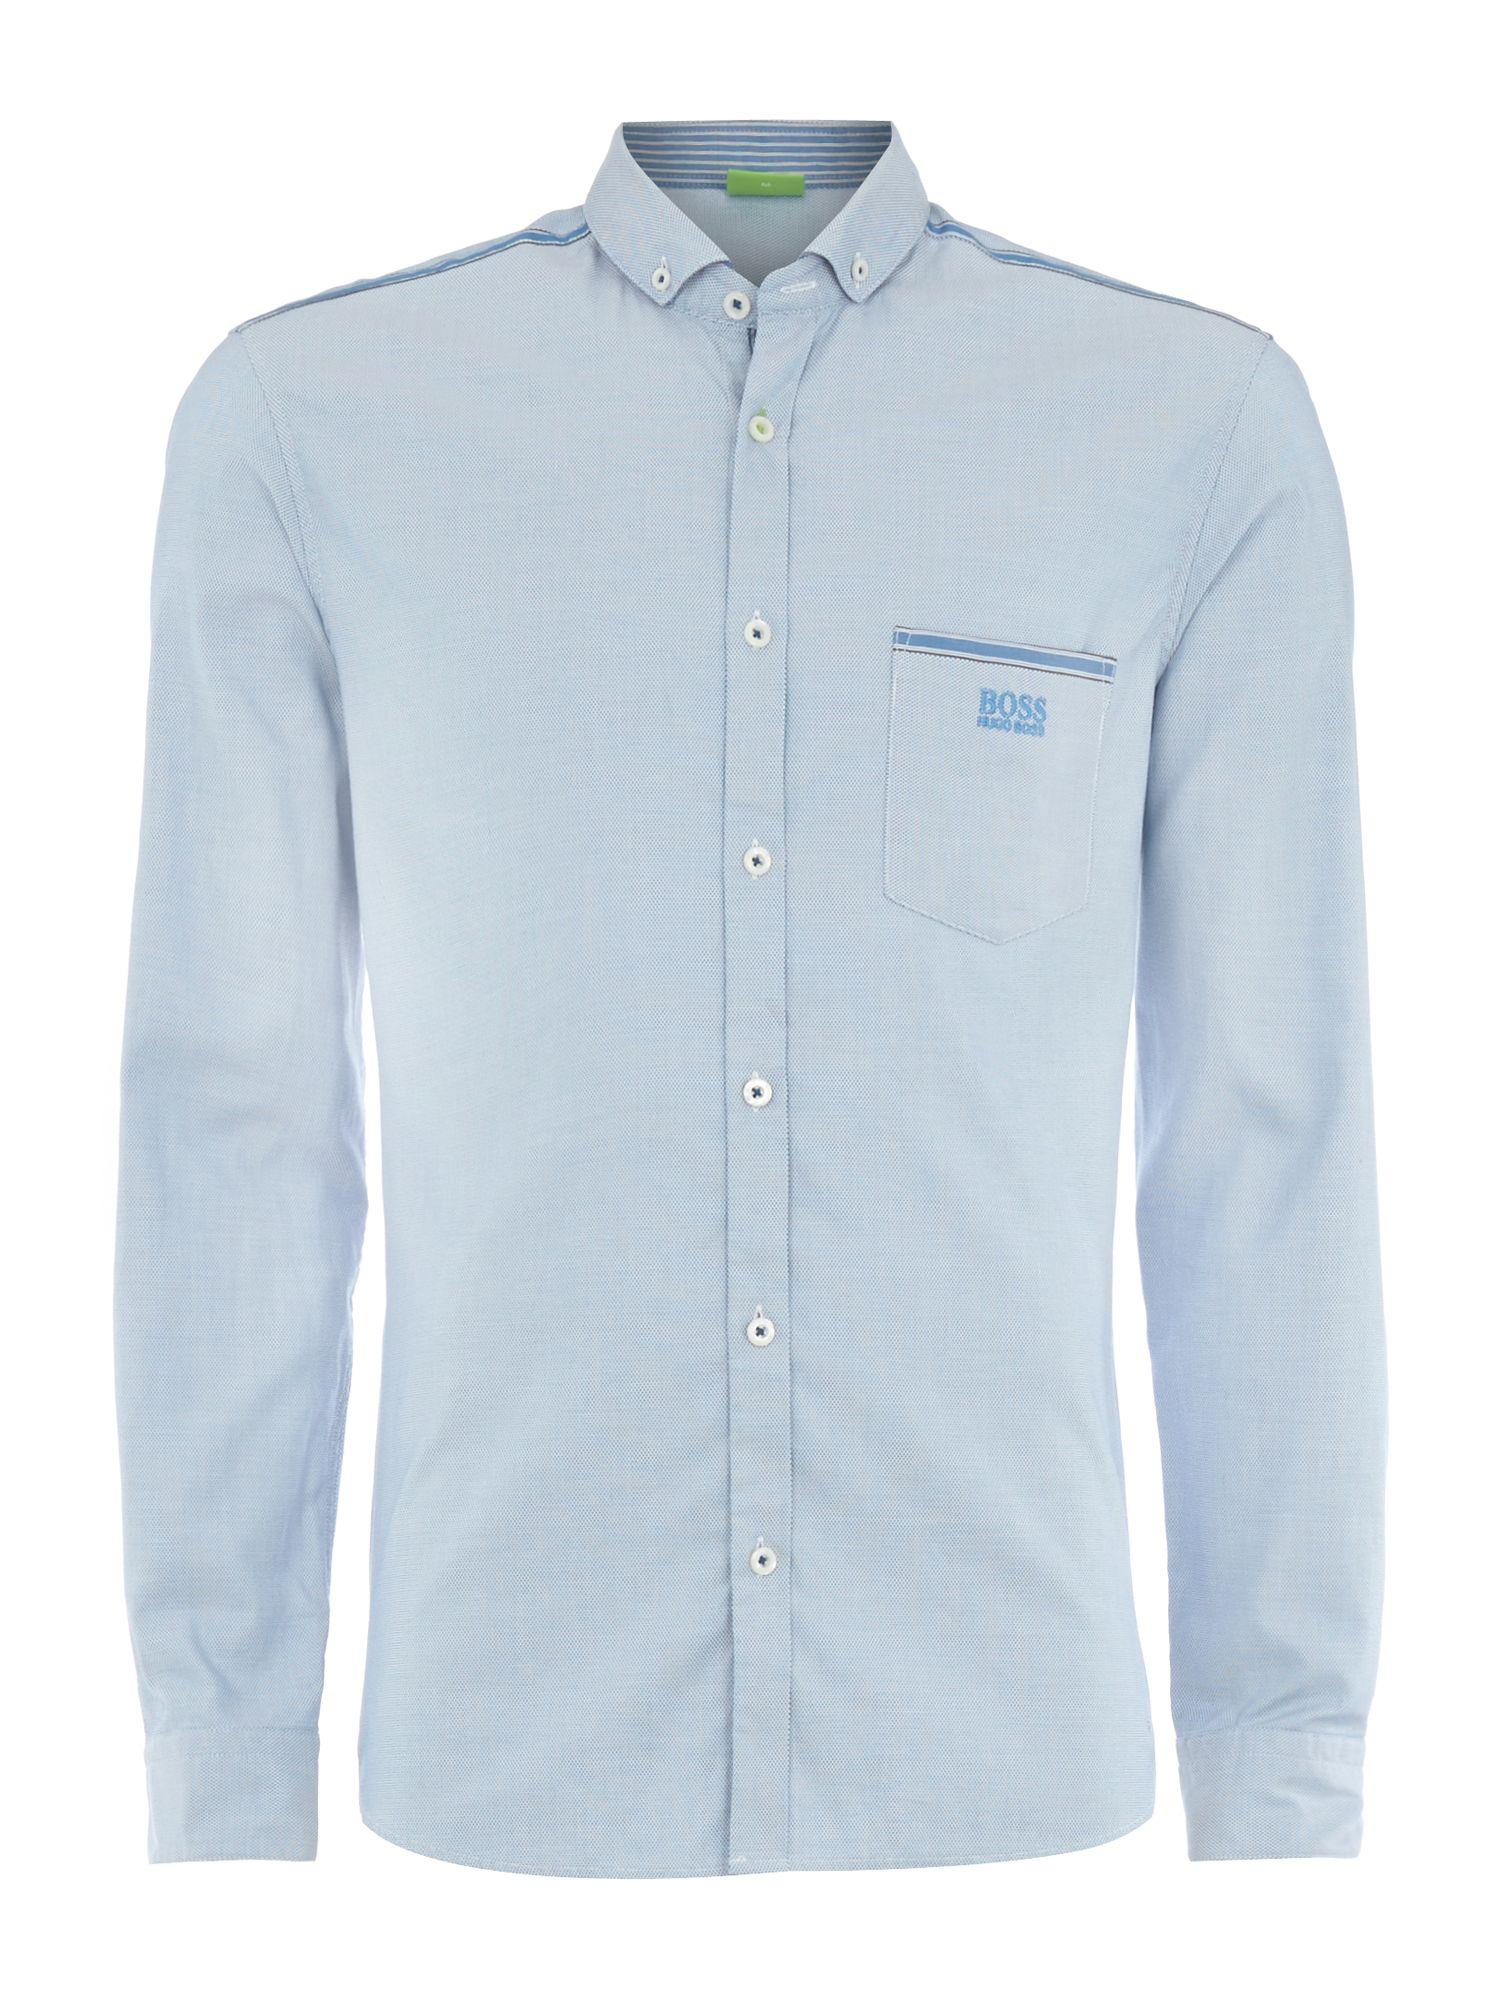 Hugo boss logo oxford shirt in blue for men light blue for Mens blue oxford shirt